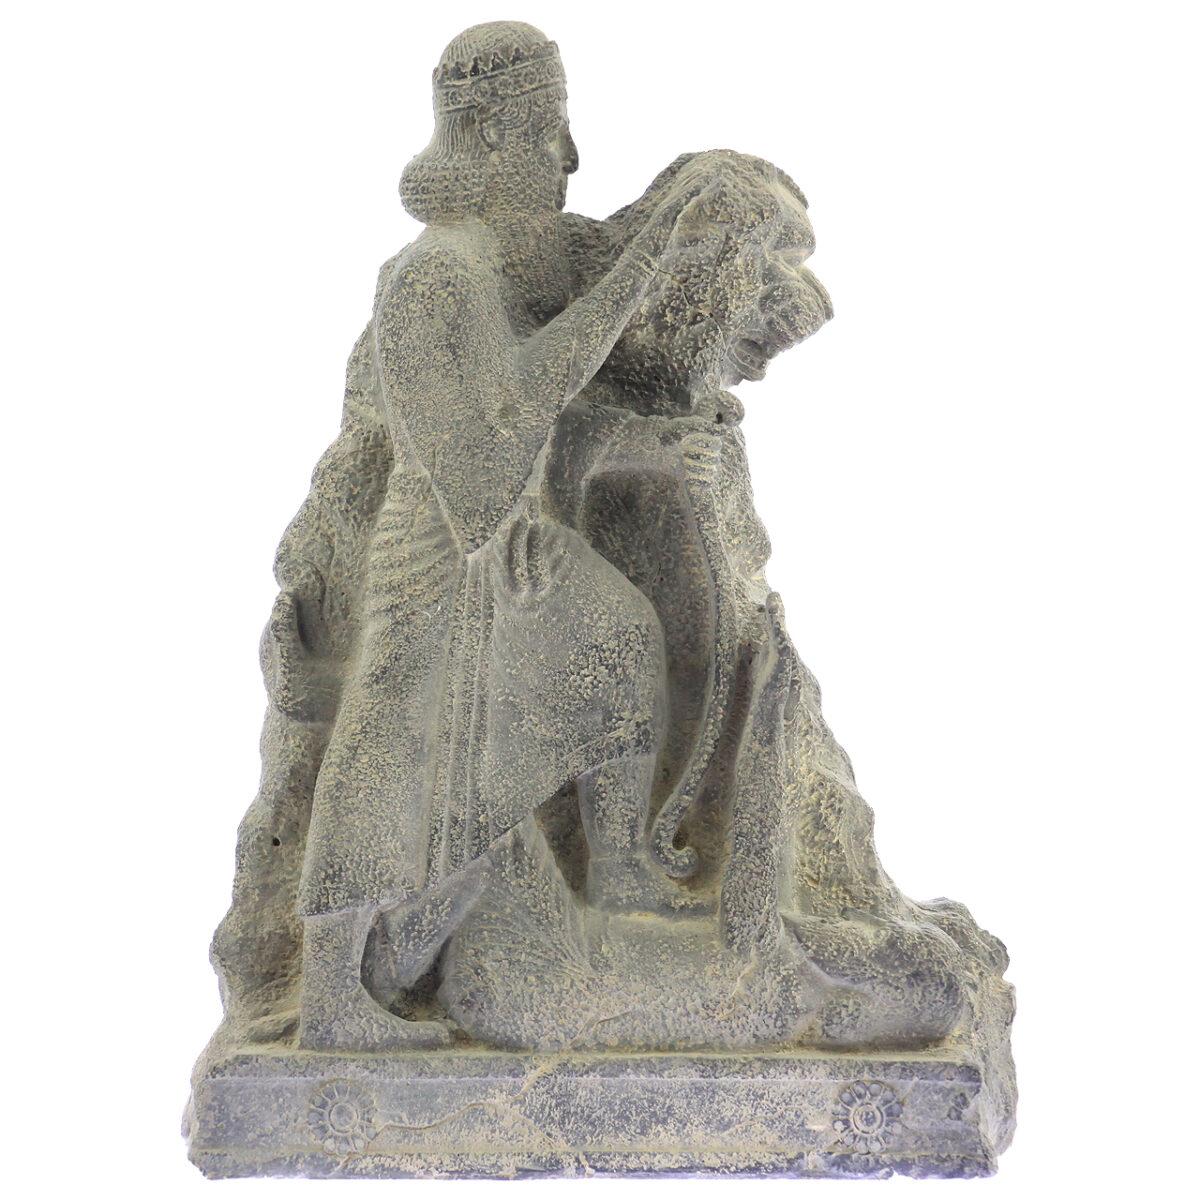 مجسمه تندیس و پیکره شهریار مدل کتیبه داريوش در بيستون کد MO2450